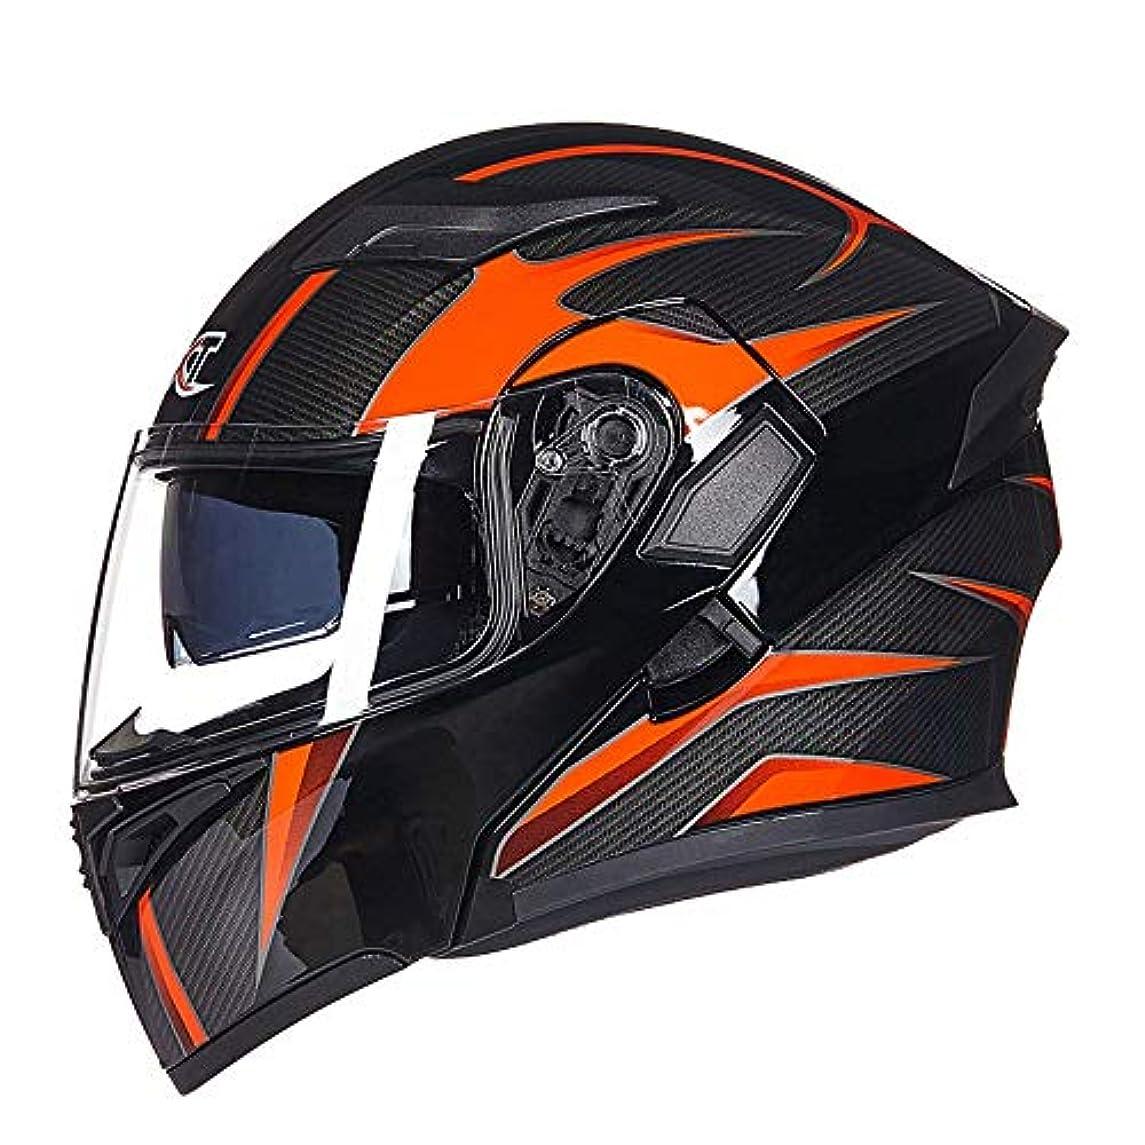 アンドリューハリディ睡眠頬ETH オートバイヘルメットダブルレンズ防曇ヘルメット完全ヘルメット通気性快適な乗馬用ヘルメット四季利用可能 保護 (Size : M)